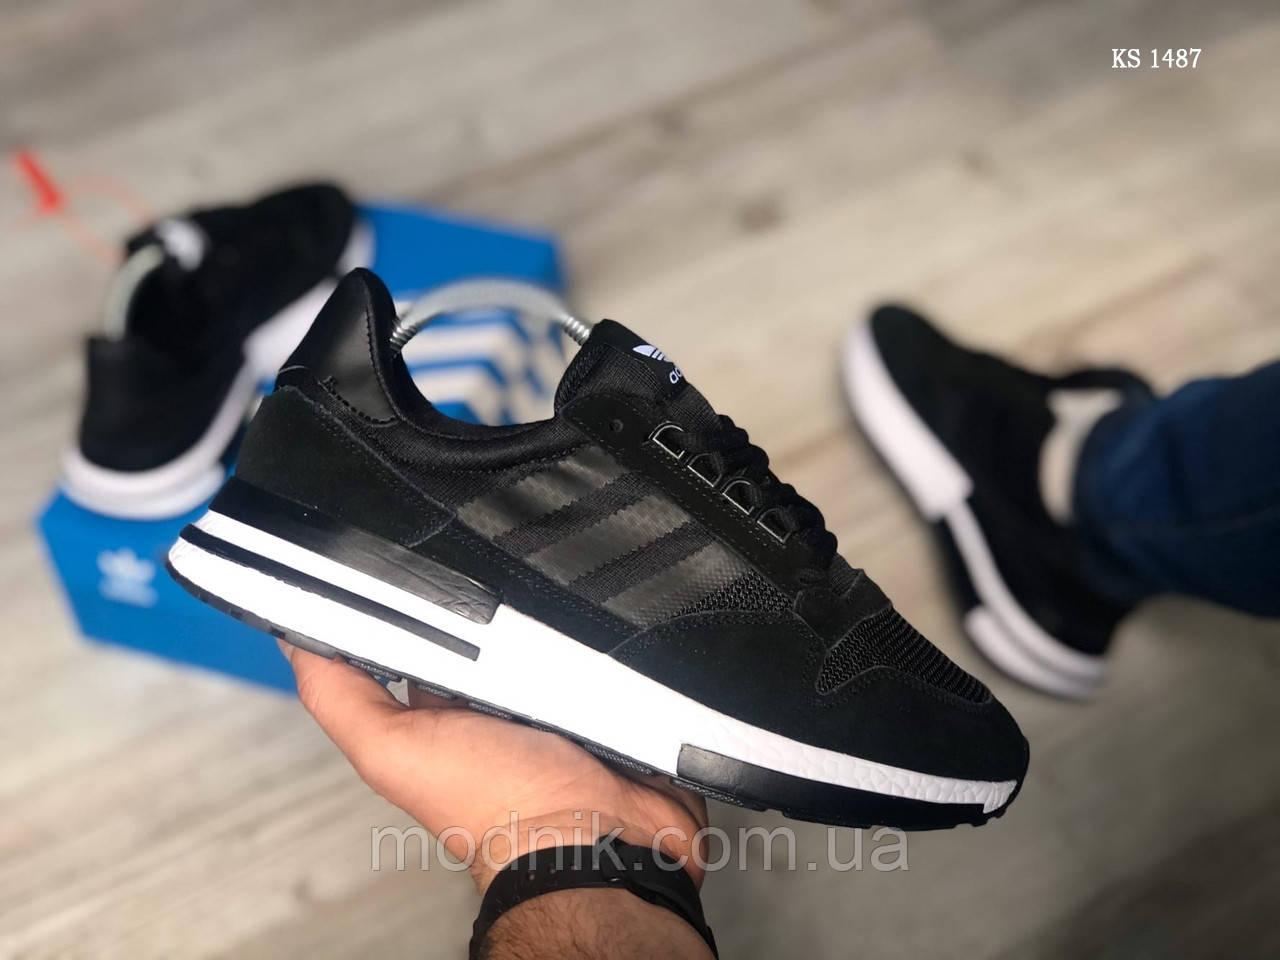 Мужские кроссовки Adidas ZX500 RM (черно-белые) KS 1487